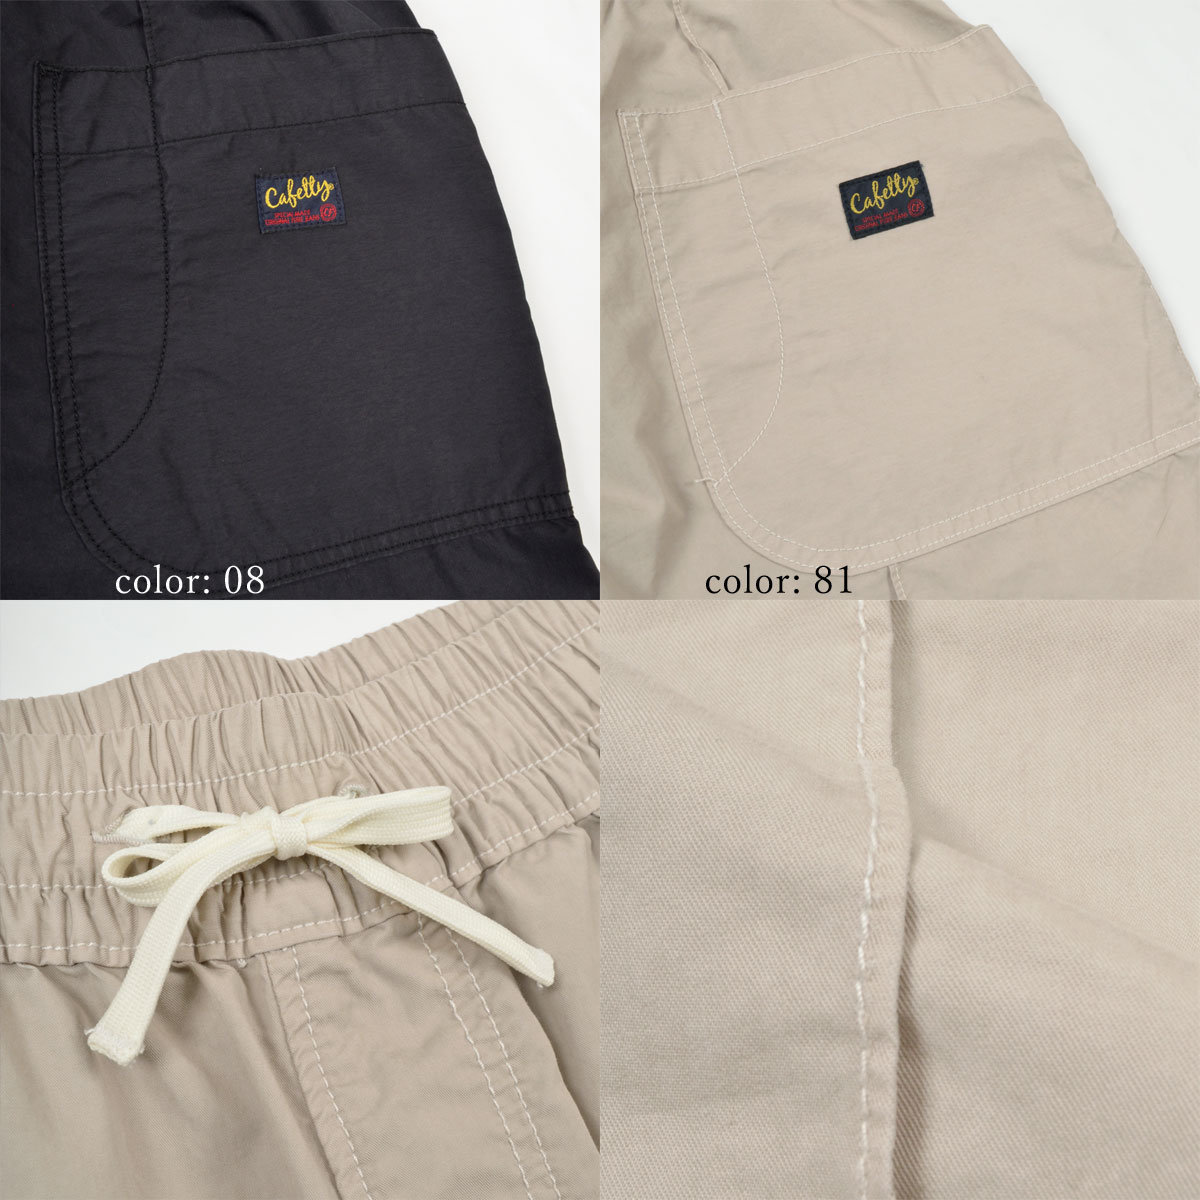 【SALE】Cafetty トラックパンツ CF0324